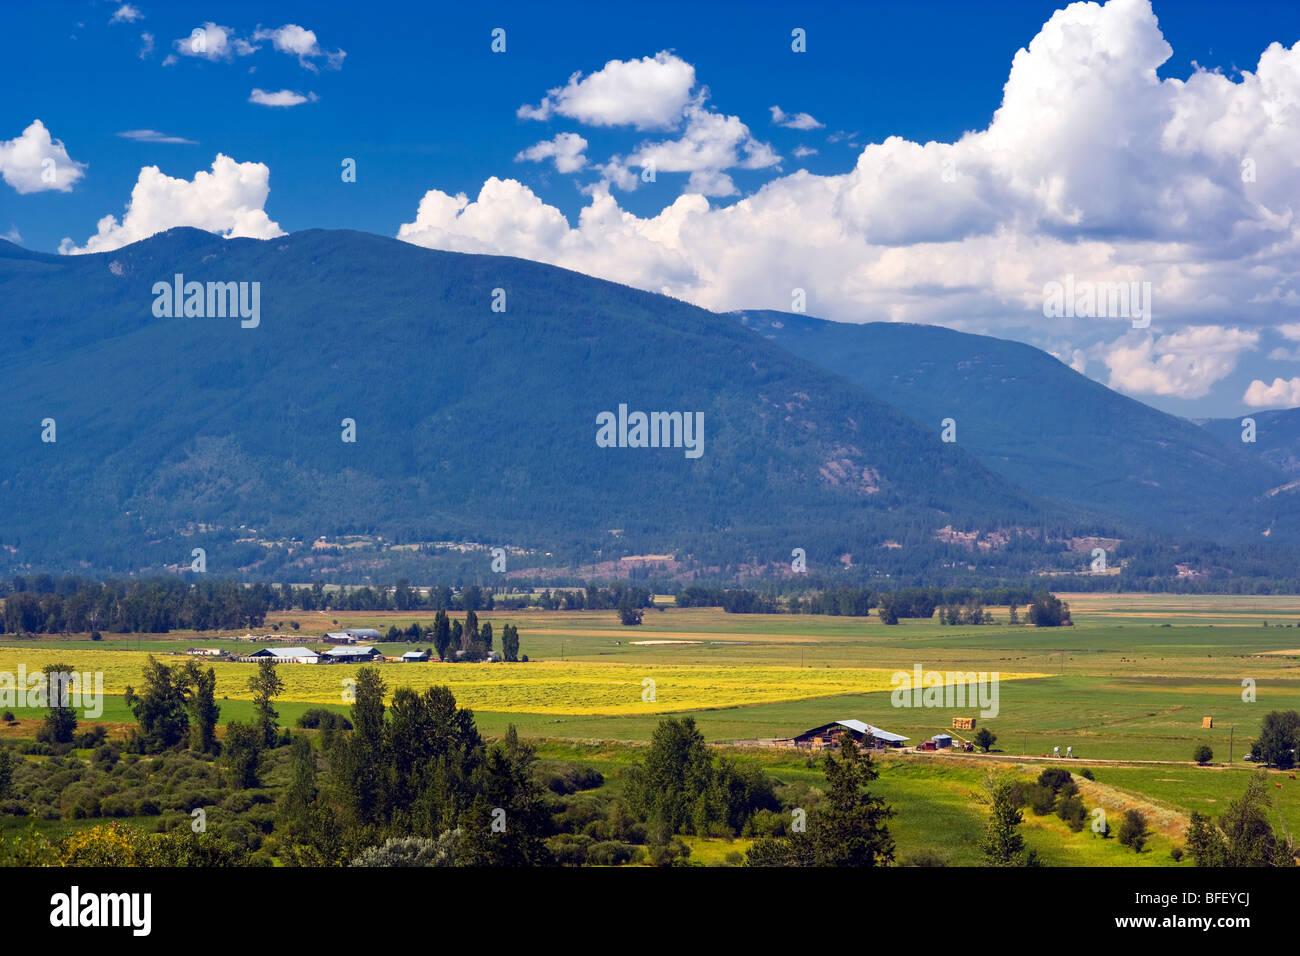 Fermes dans la fertile vallée de Creston, en Colombie-Britannique, au Canada, de l'agriculture Photo Stock